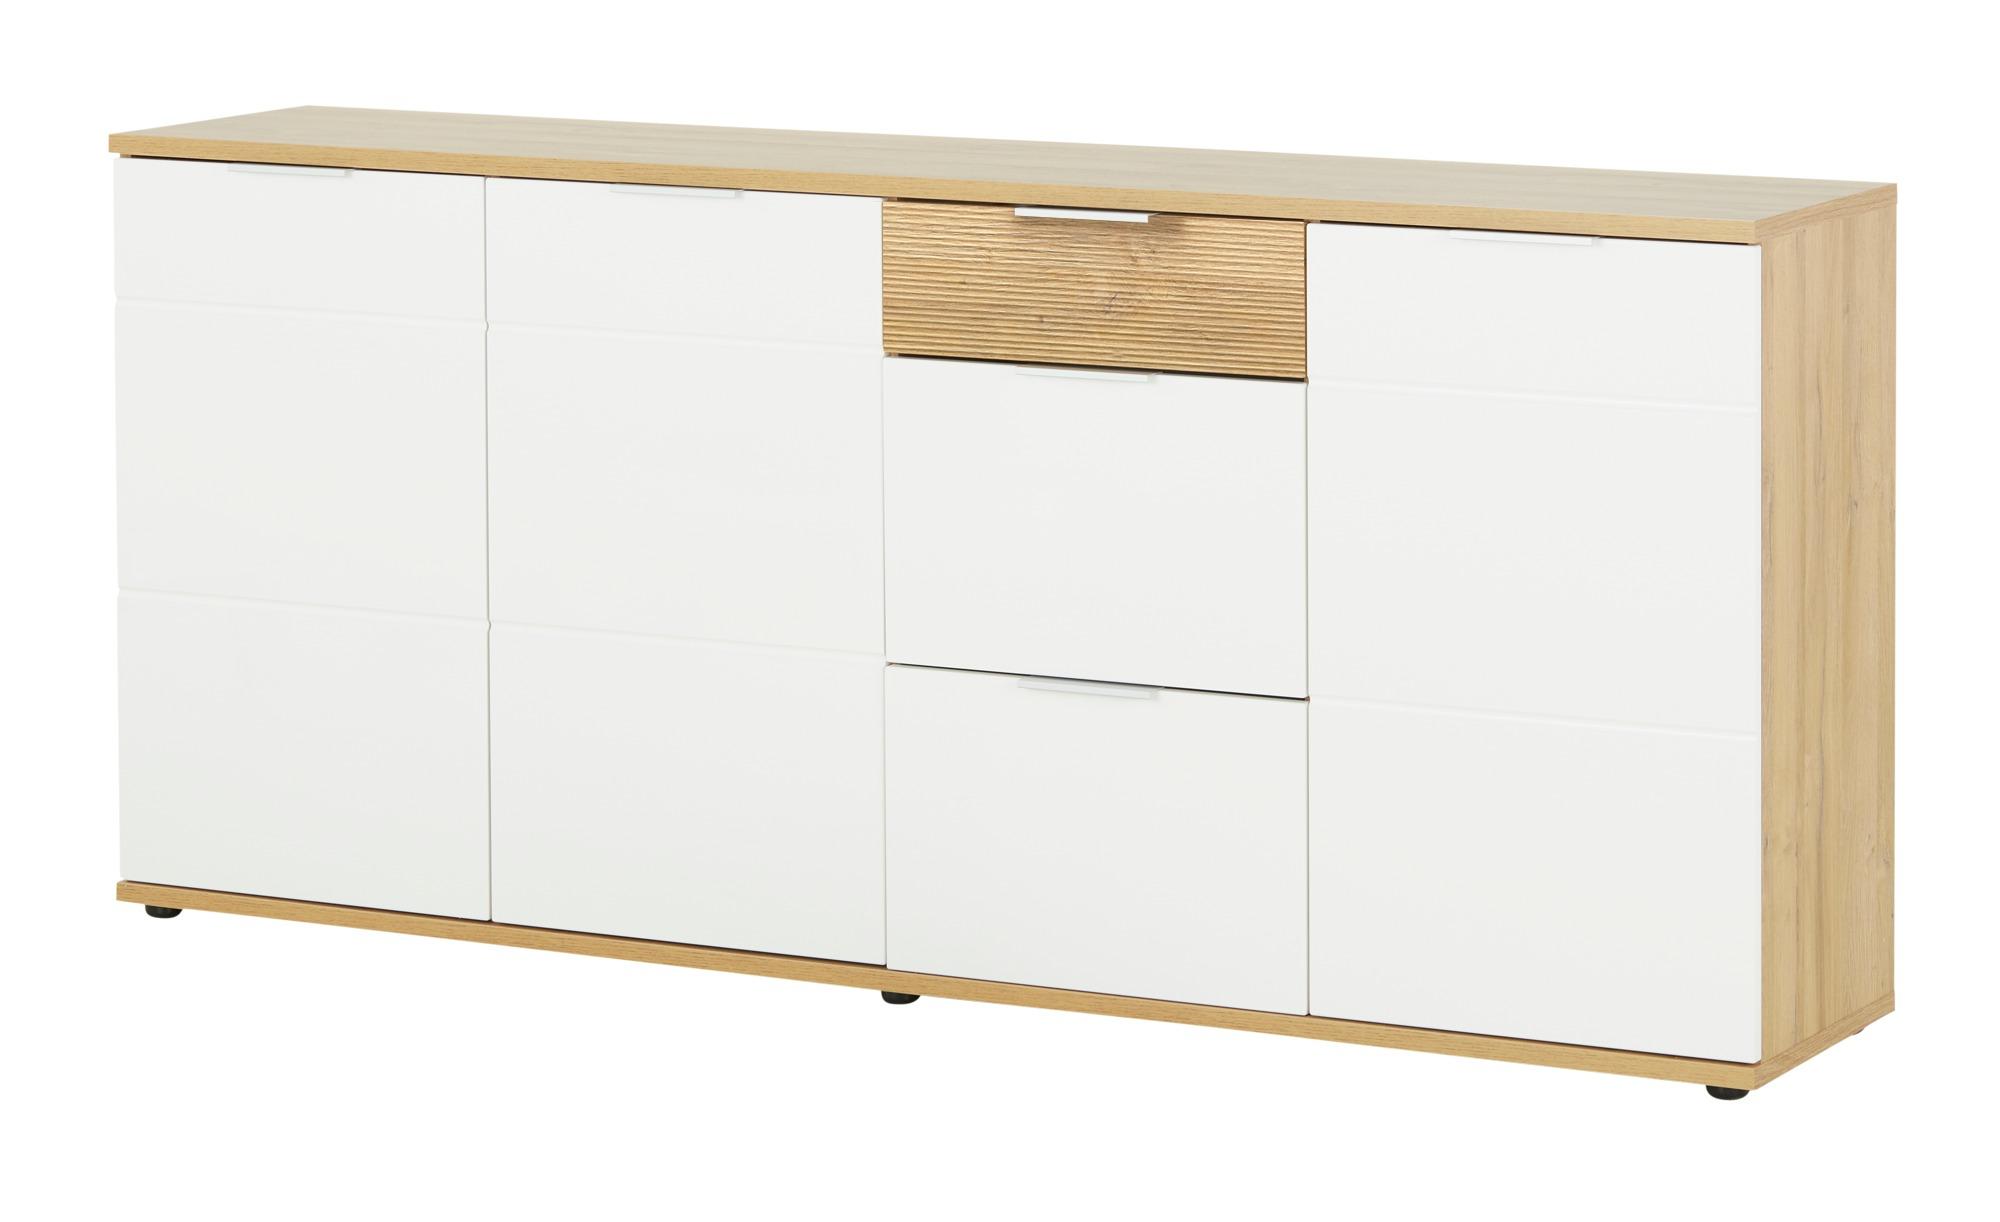 uno Kommode  Frisco ¦ Maße (cm): B: 192 H: 88 T: 40 Kommoden & Sideboards > Kommoden - Höffner